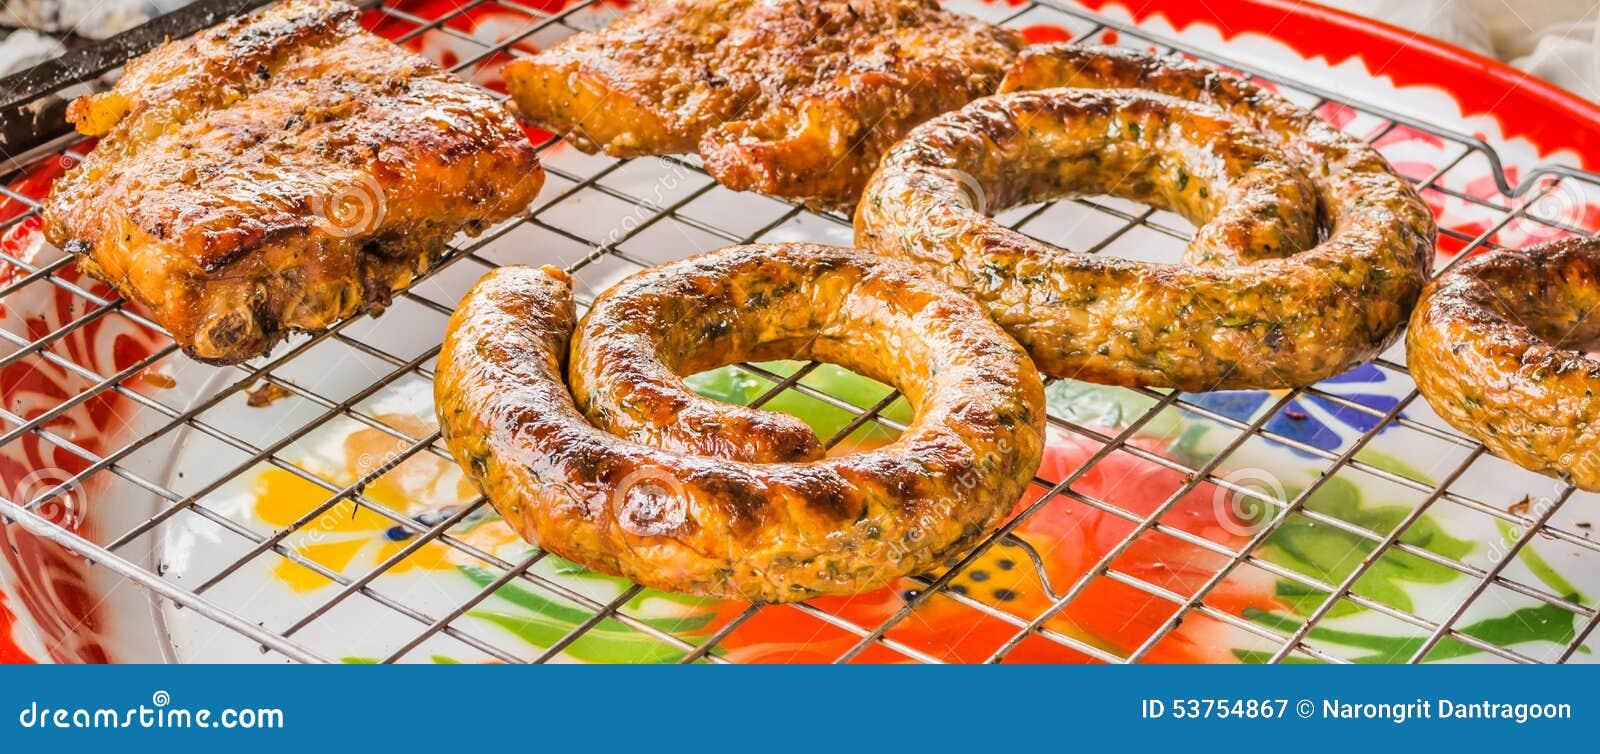 Sai Aua et porc grillé (saucisse épicée thaïlandaise de Notrhern), Chiang